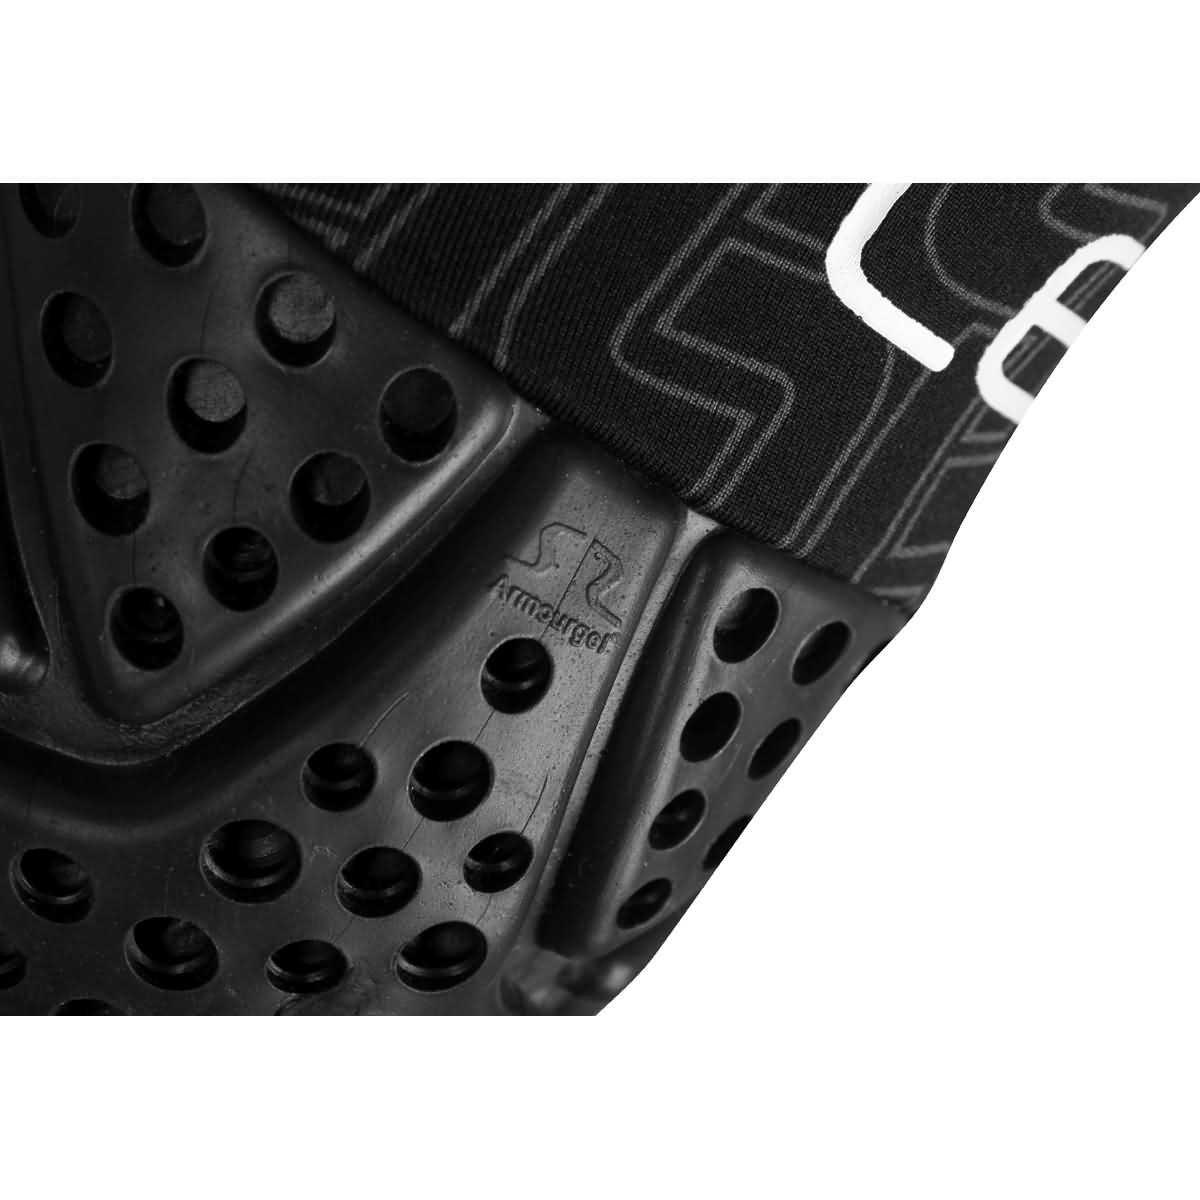 Leatt AirFlex Elbow Guard (Black, XX-Large) by Leatt Brace (Image #3)